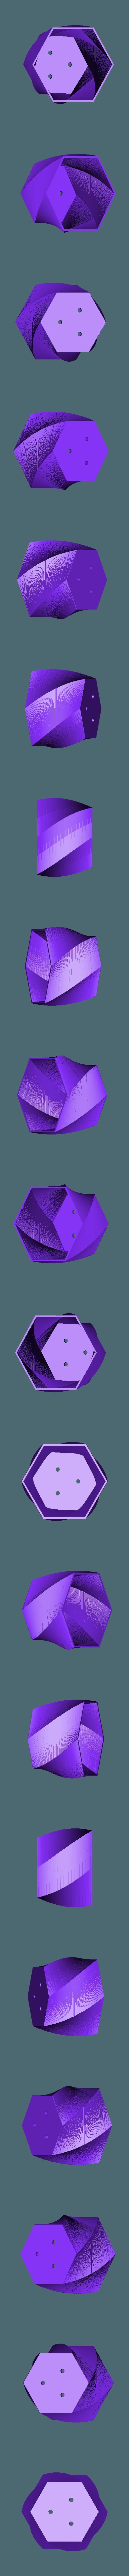 twistvase.stl Télécharger fichier SCAD gratuit Jardinière Twisty personnalisable • Plan pour imprimante 3D, arpruss